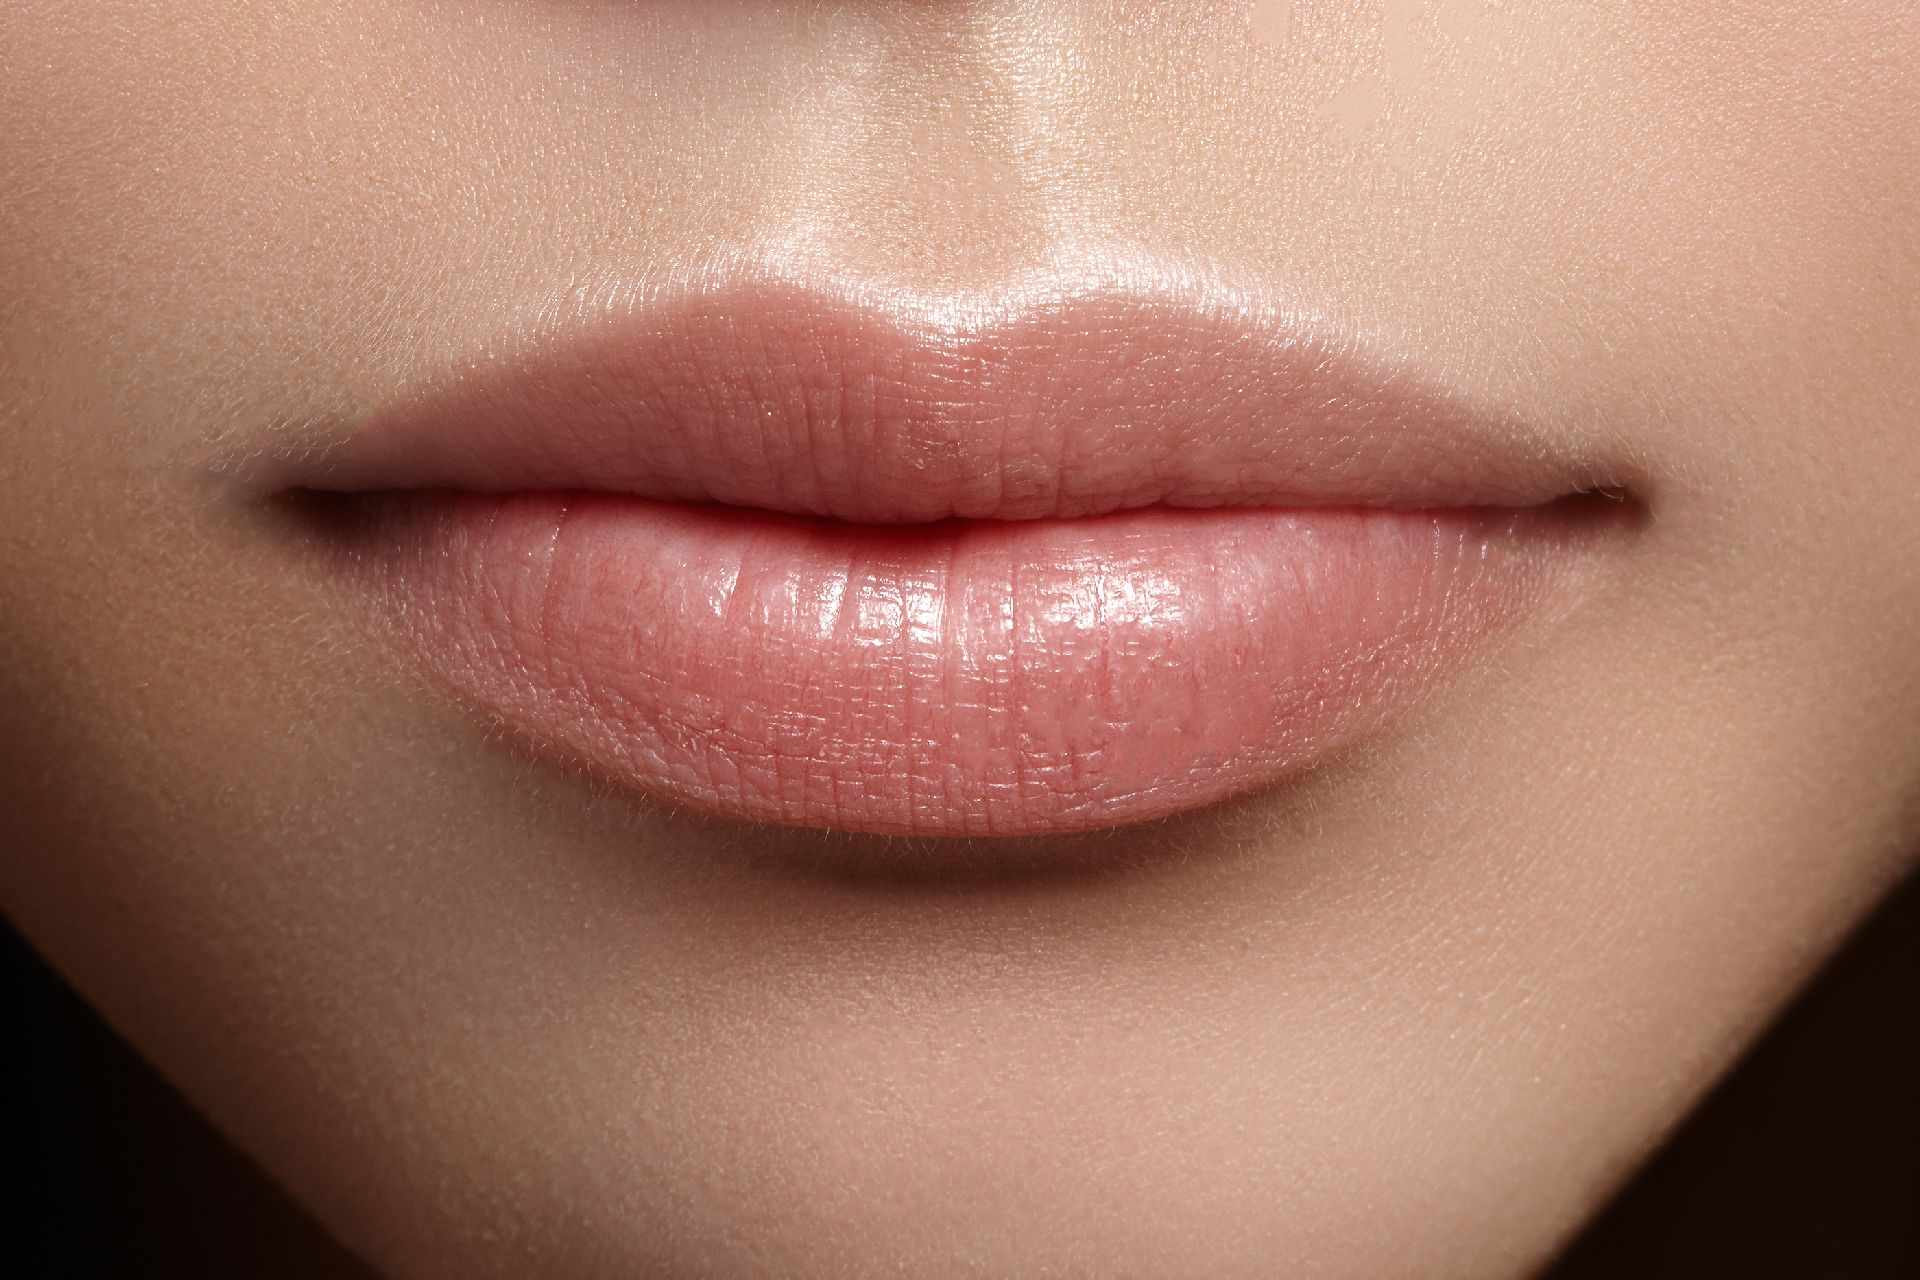 Herpes, aftas e verrugas são algumas das alterações na saúde que a boca revela. Foto: Bigstock.